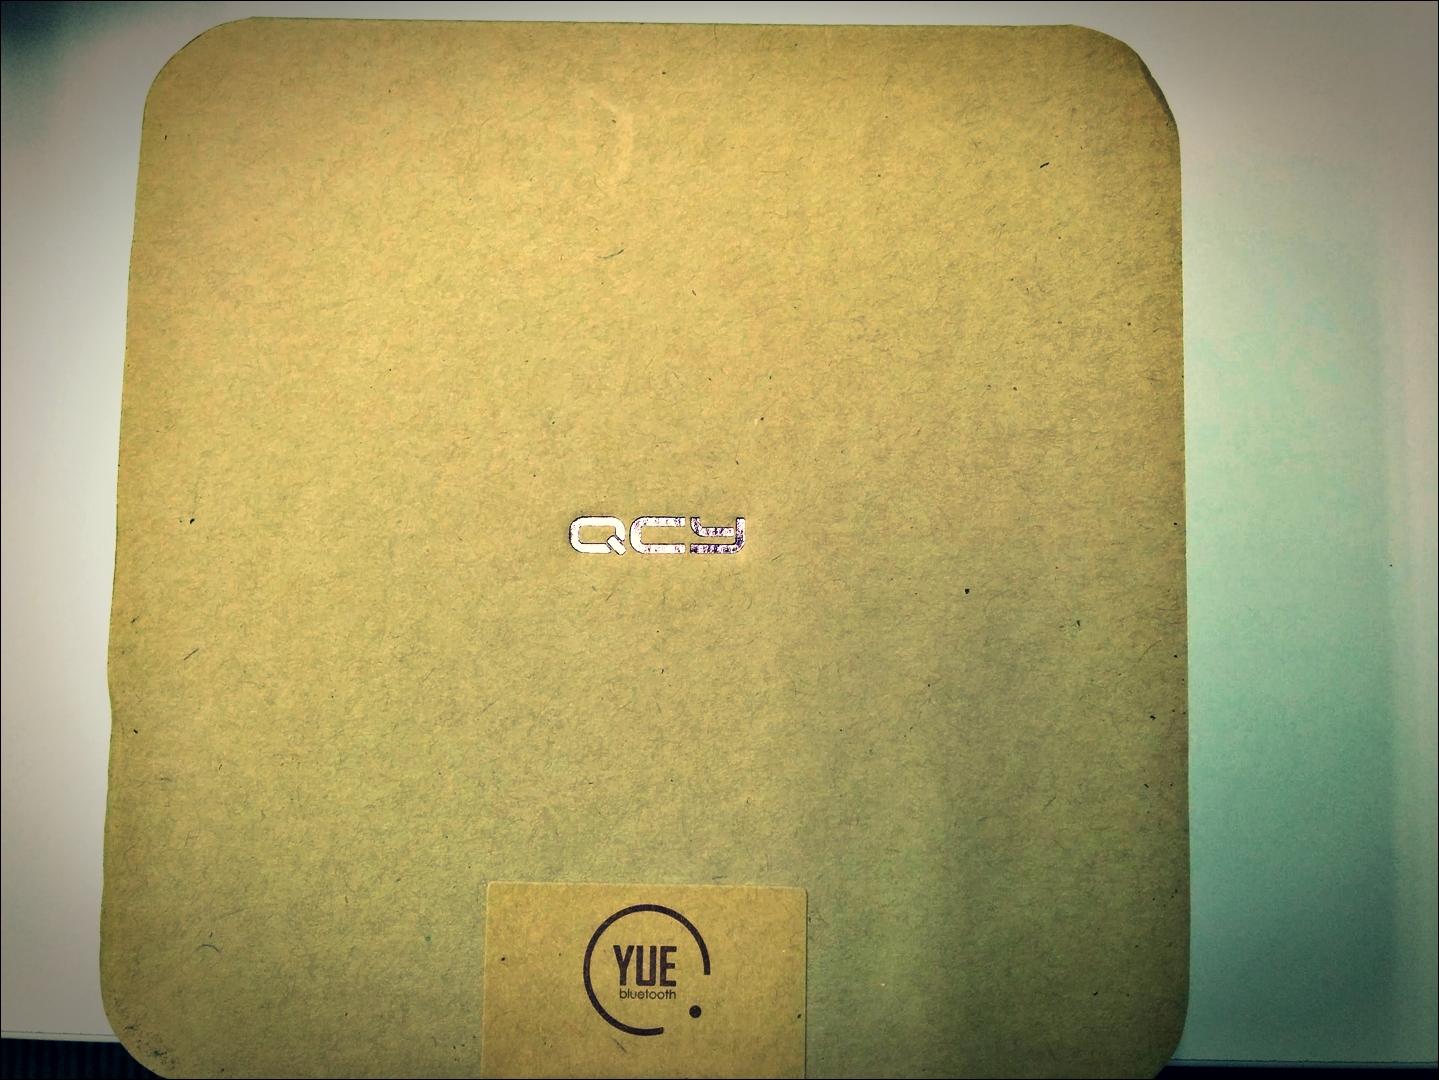 상자-'QCY QY8 블루투스 이어폰'